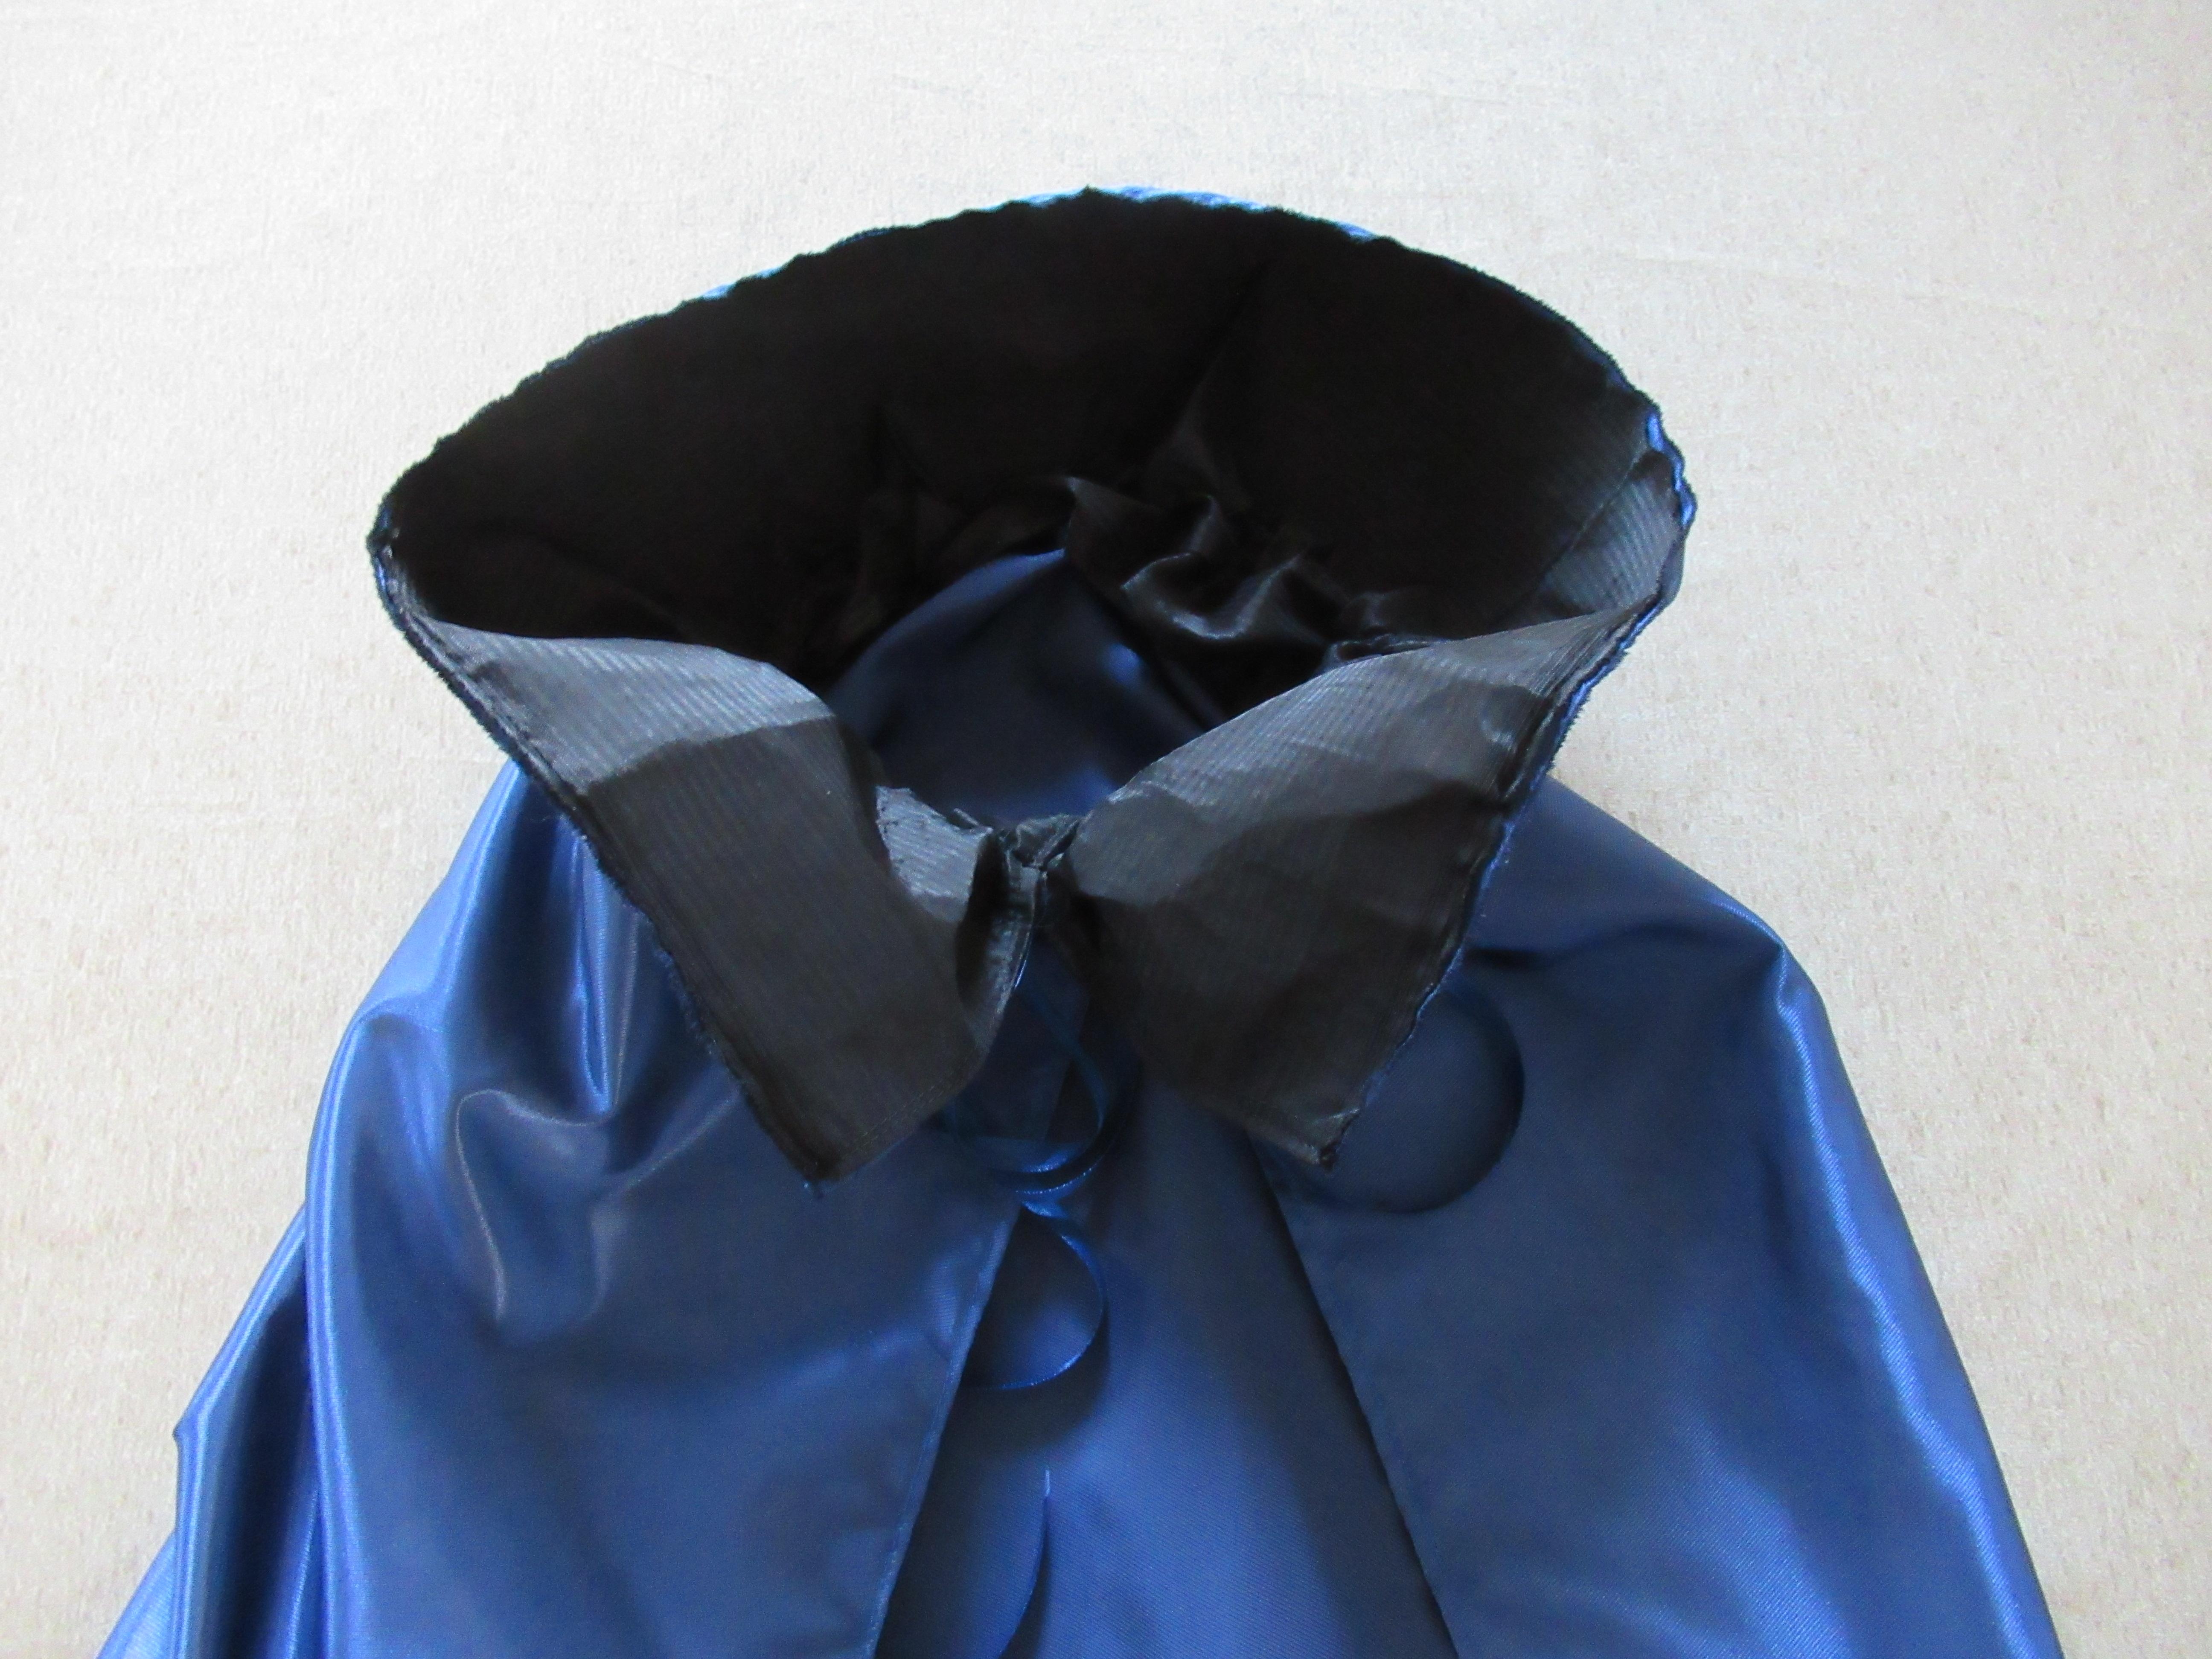 子どものマント立て襟の簡単な作り方☆材料は全て100均♪|簡単手芸ブログ